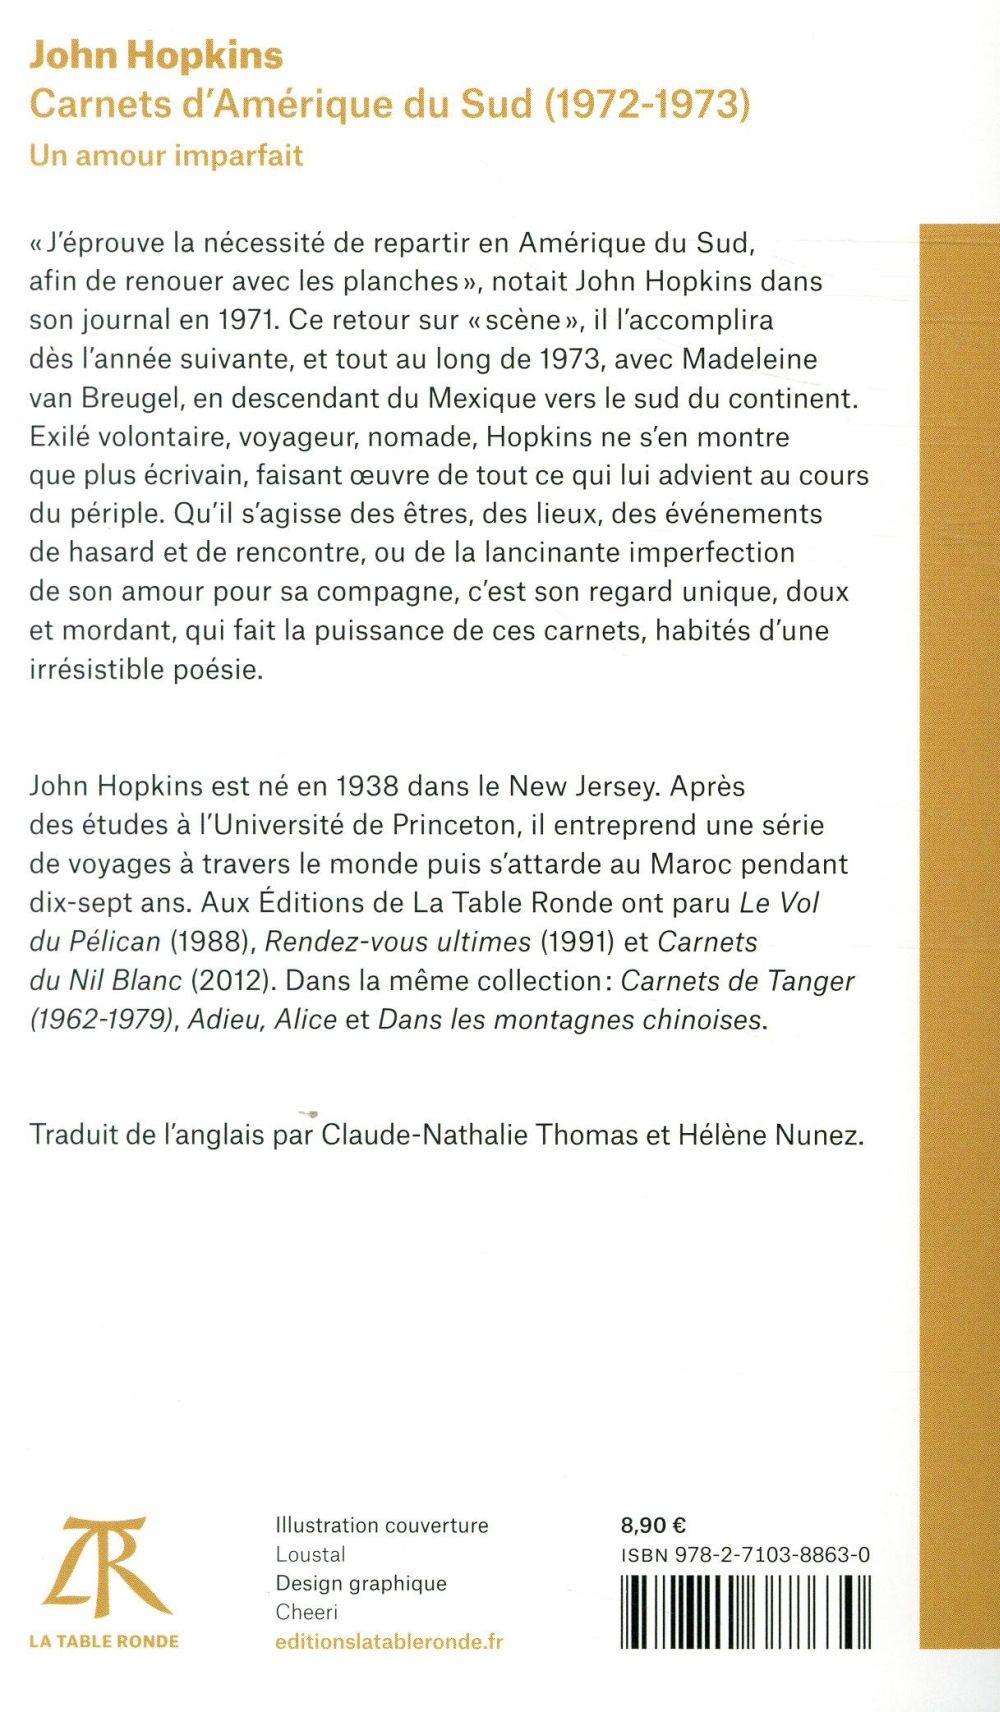 Carnets d'Amérique du Sud (1972-1973) ; un amour imparfait